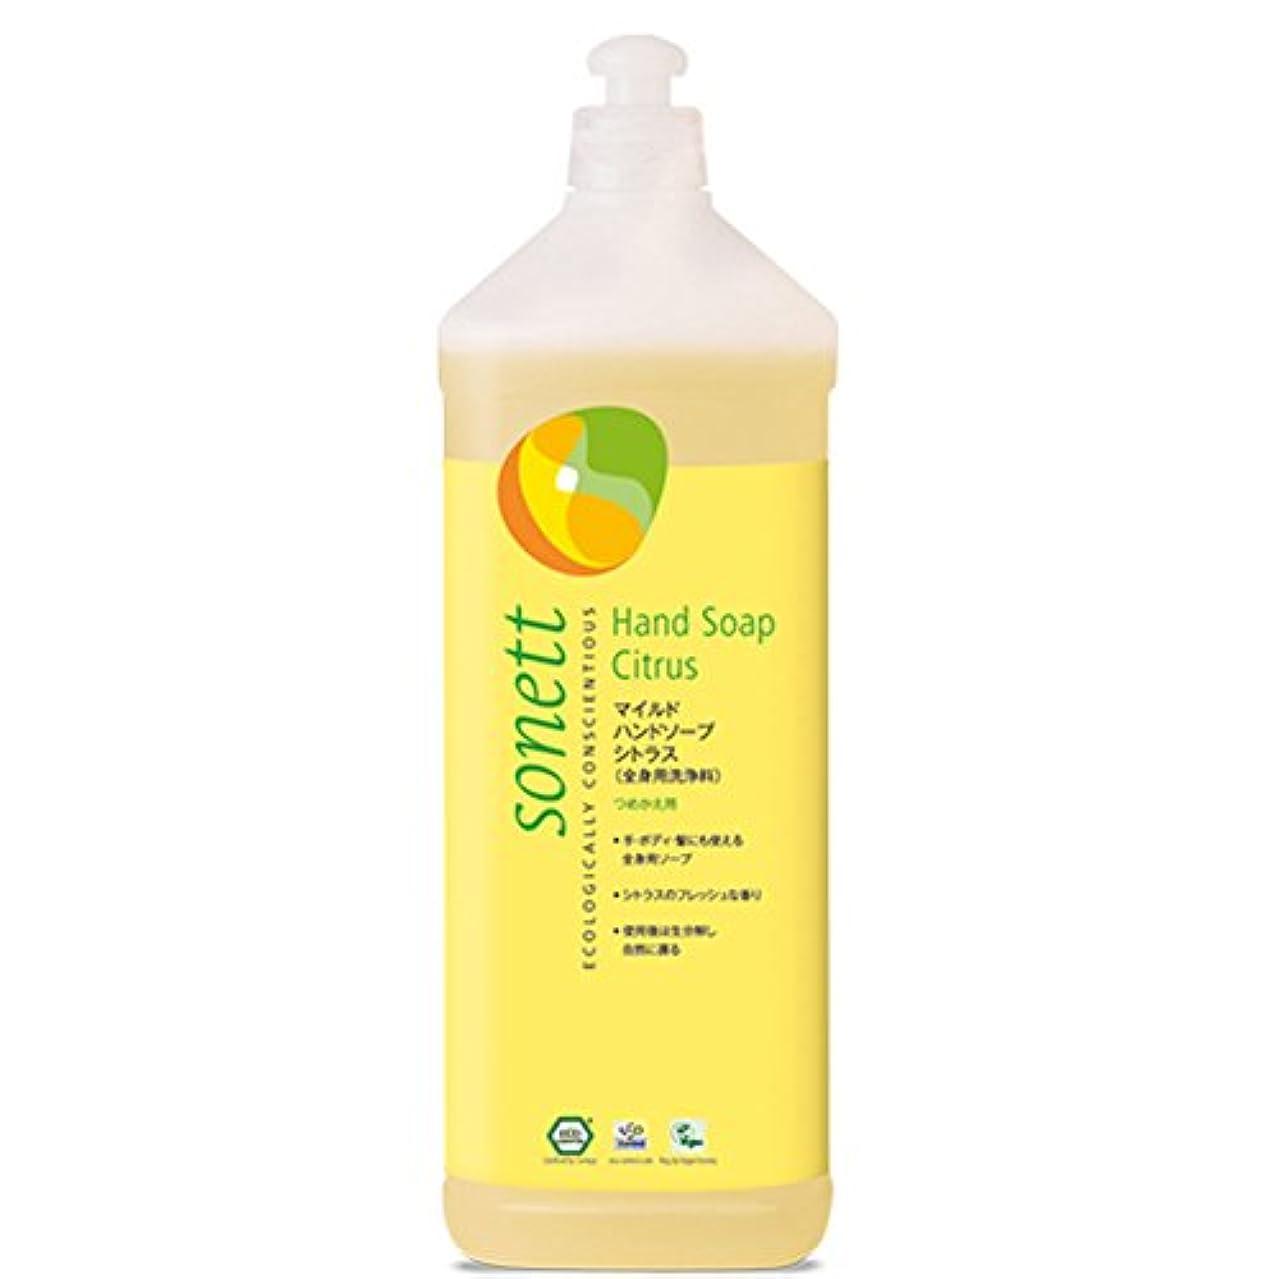 用量治療邪悪なSONETT ( ソネット 洗剤 ) マイルドハンドソープ シトラス 1L  ( ボディー&ハンドソープ 全身 )